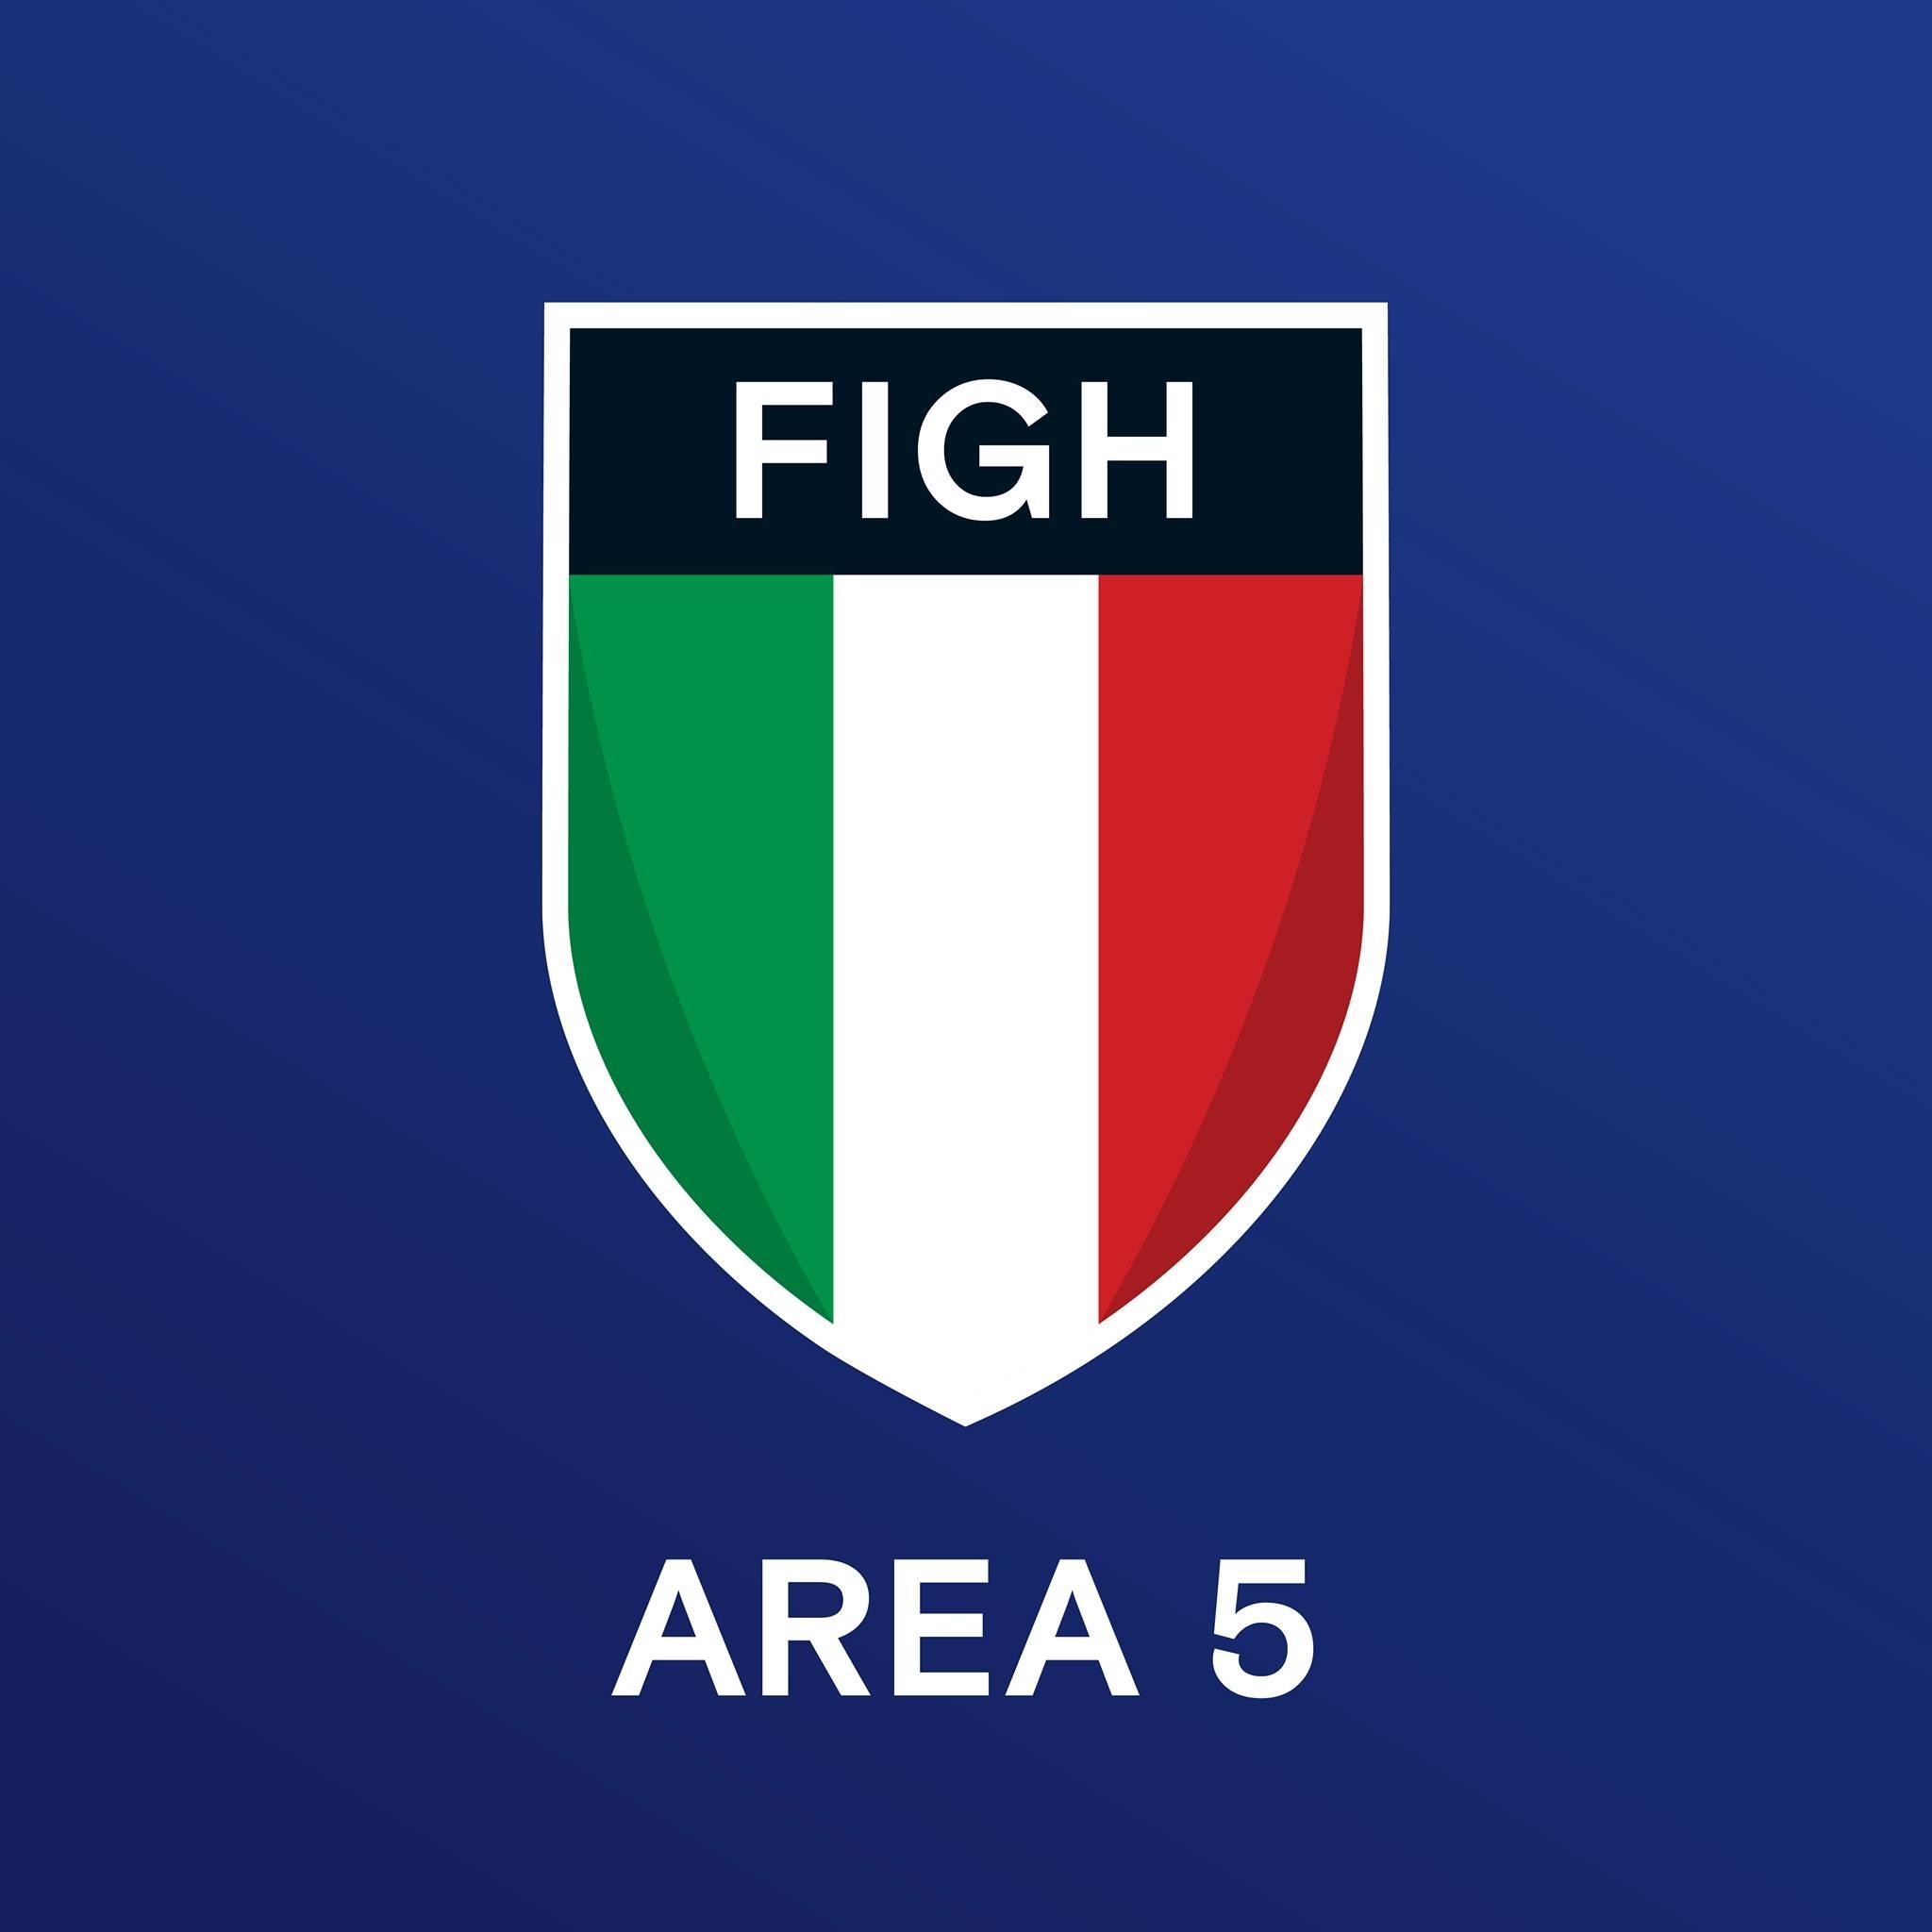 Pagina FaceBook FIGH AREA 5